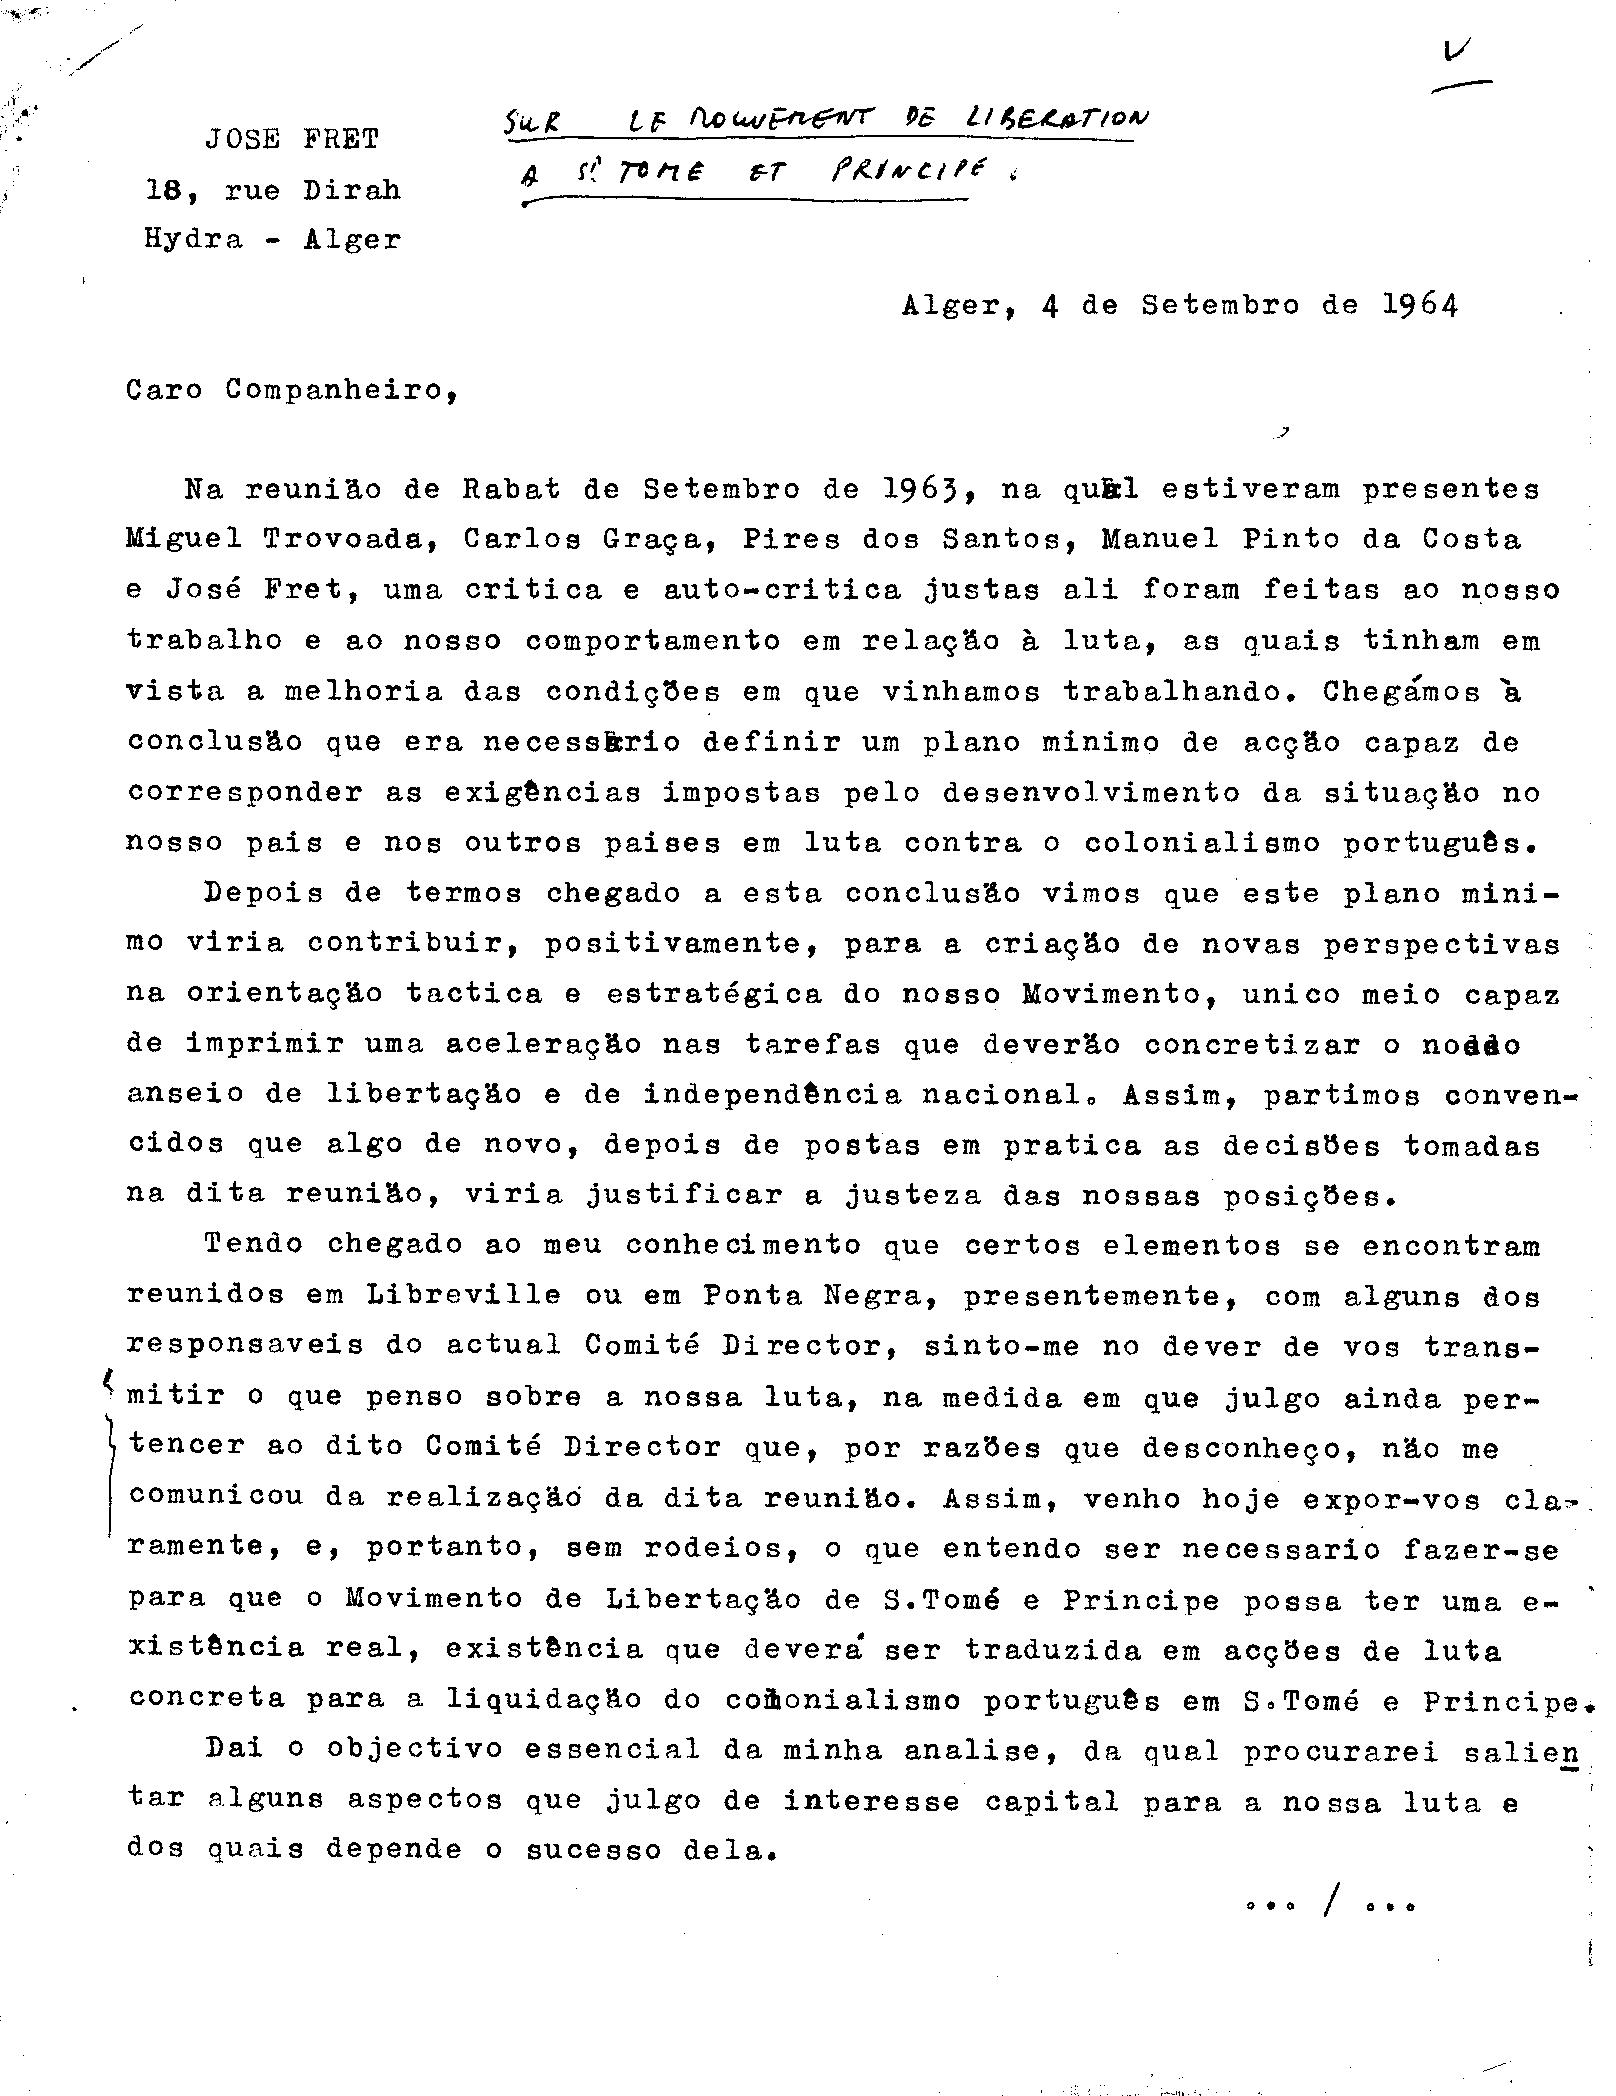 04356.003.010- pag.1